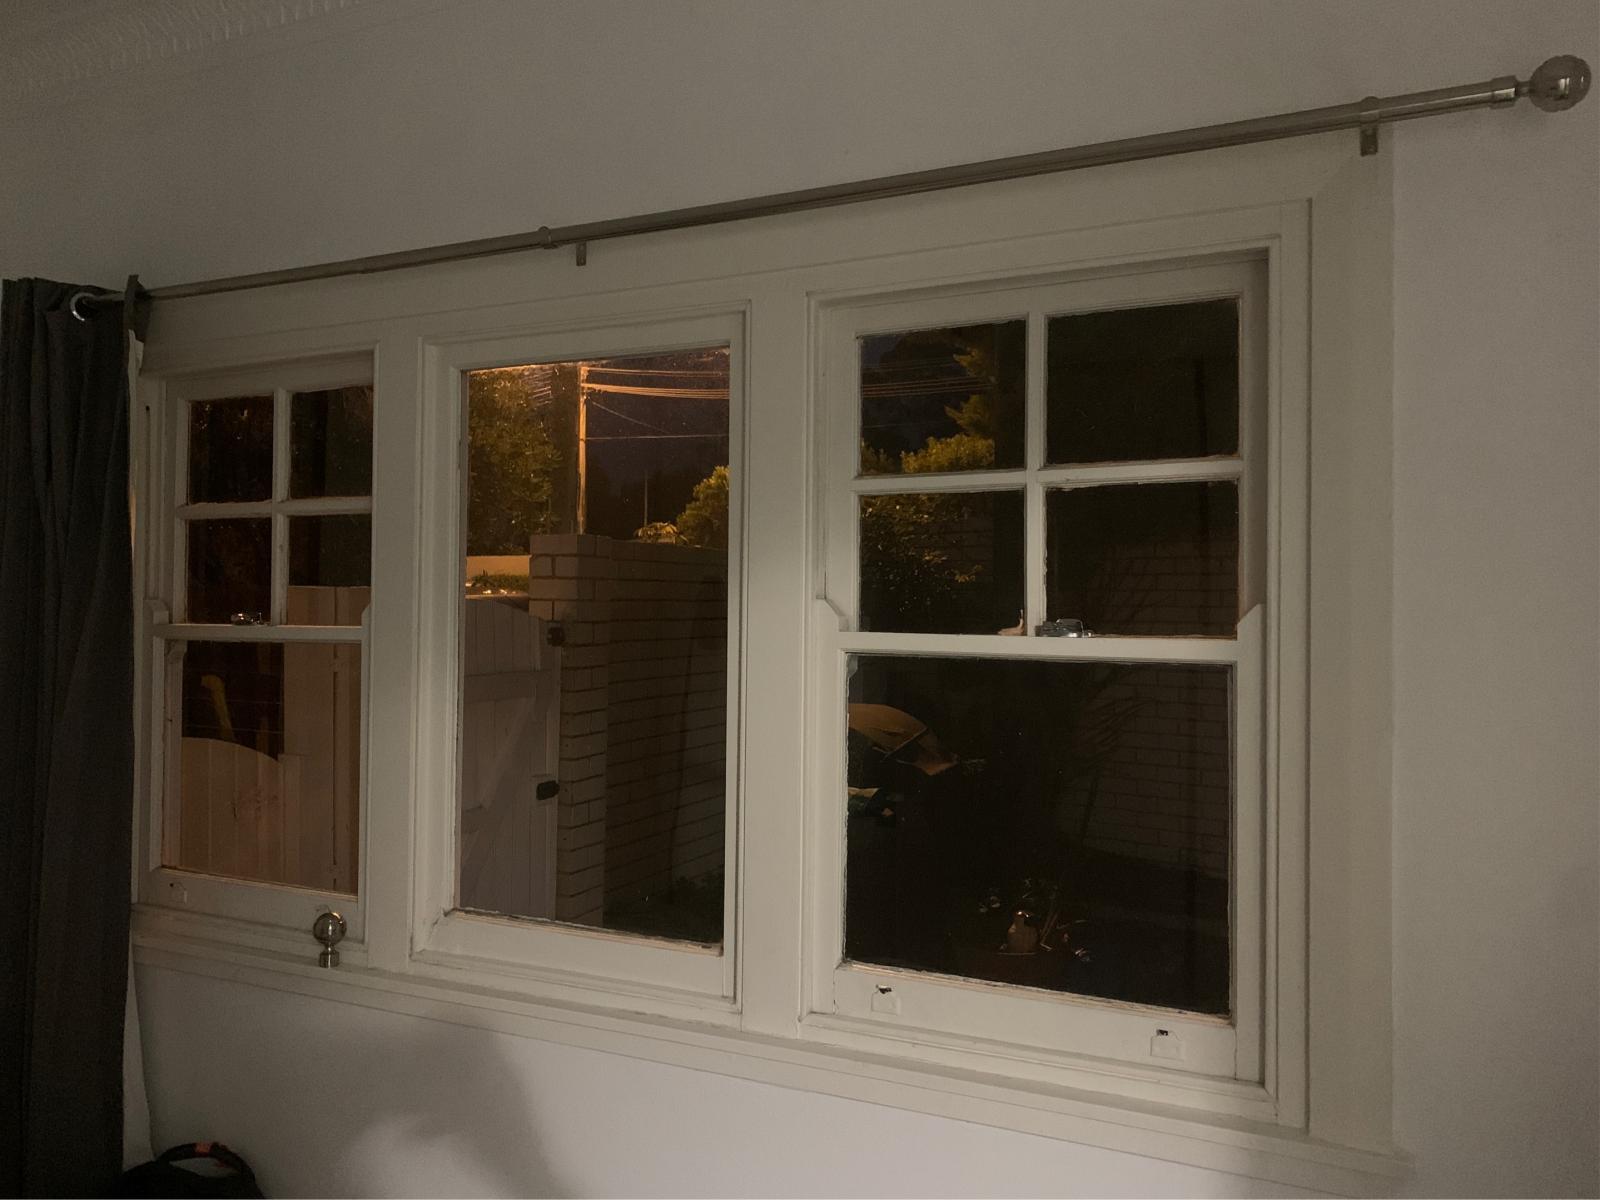 6.38 laminated glass or retrofit double glazing